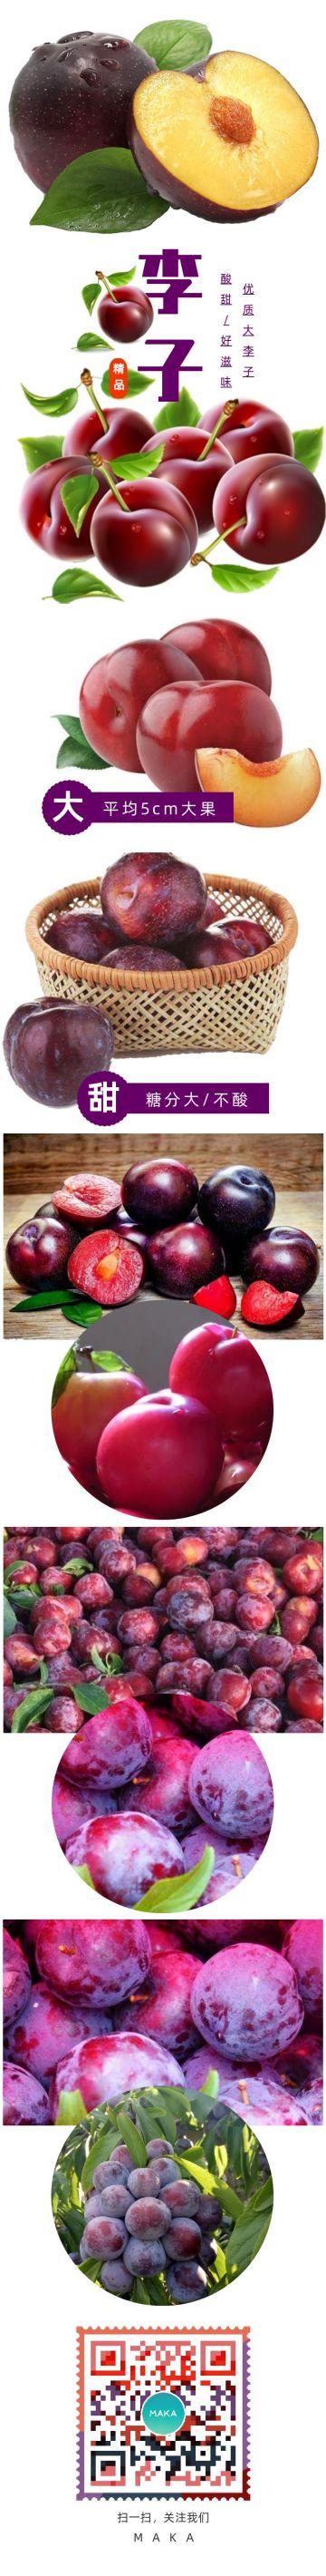 水果李子扁平简约产品详情页海报模板